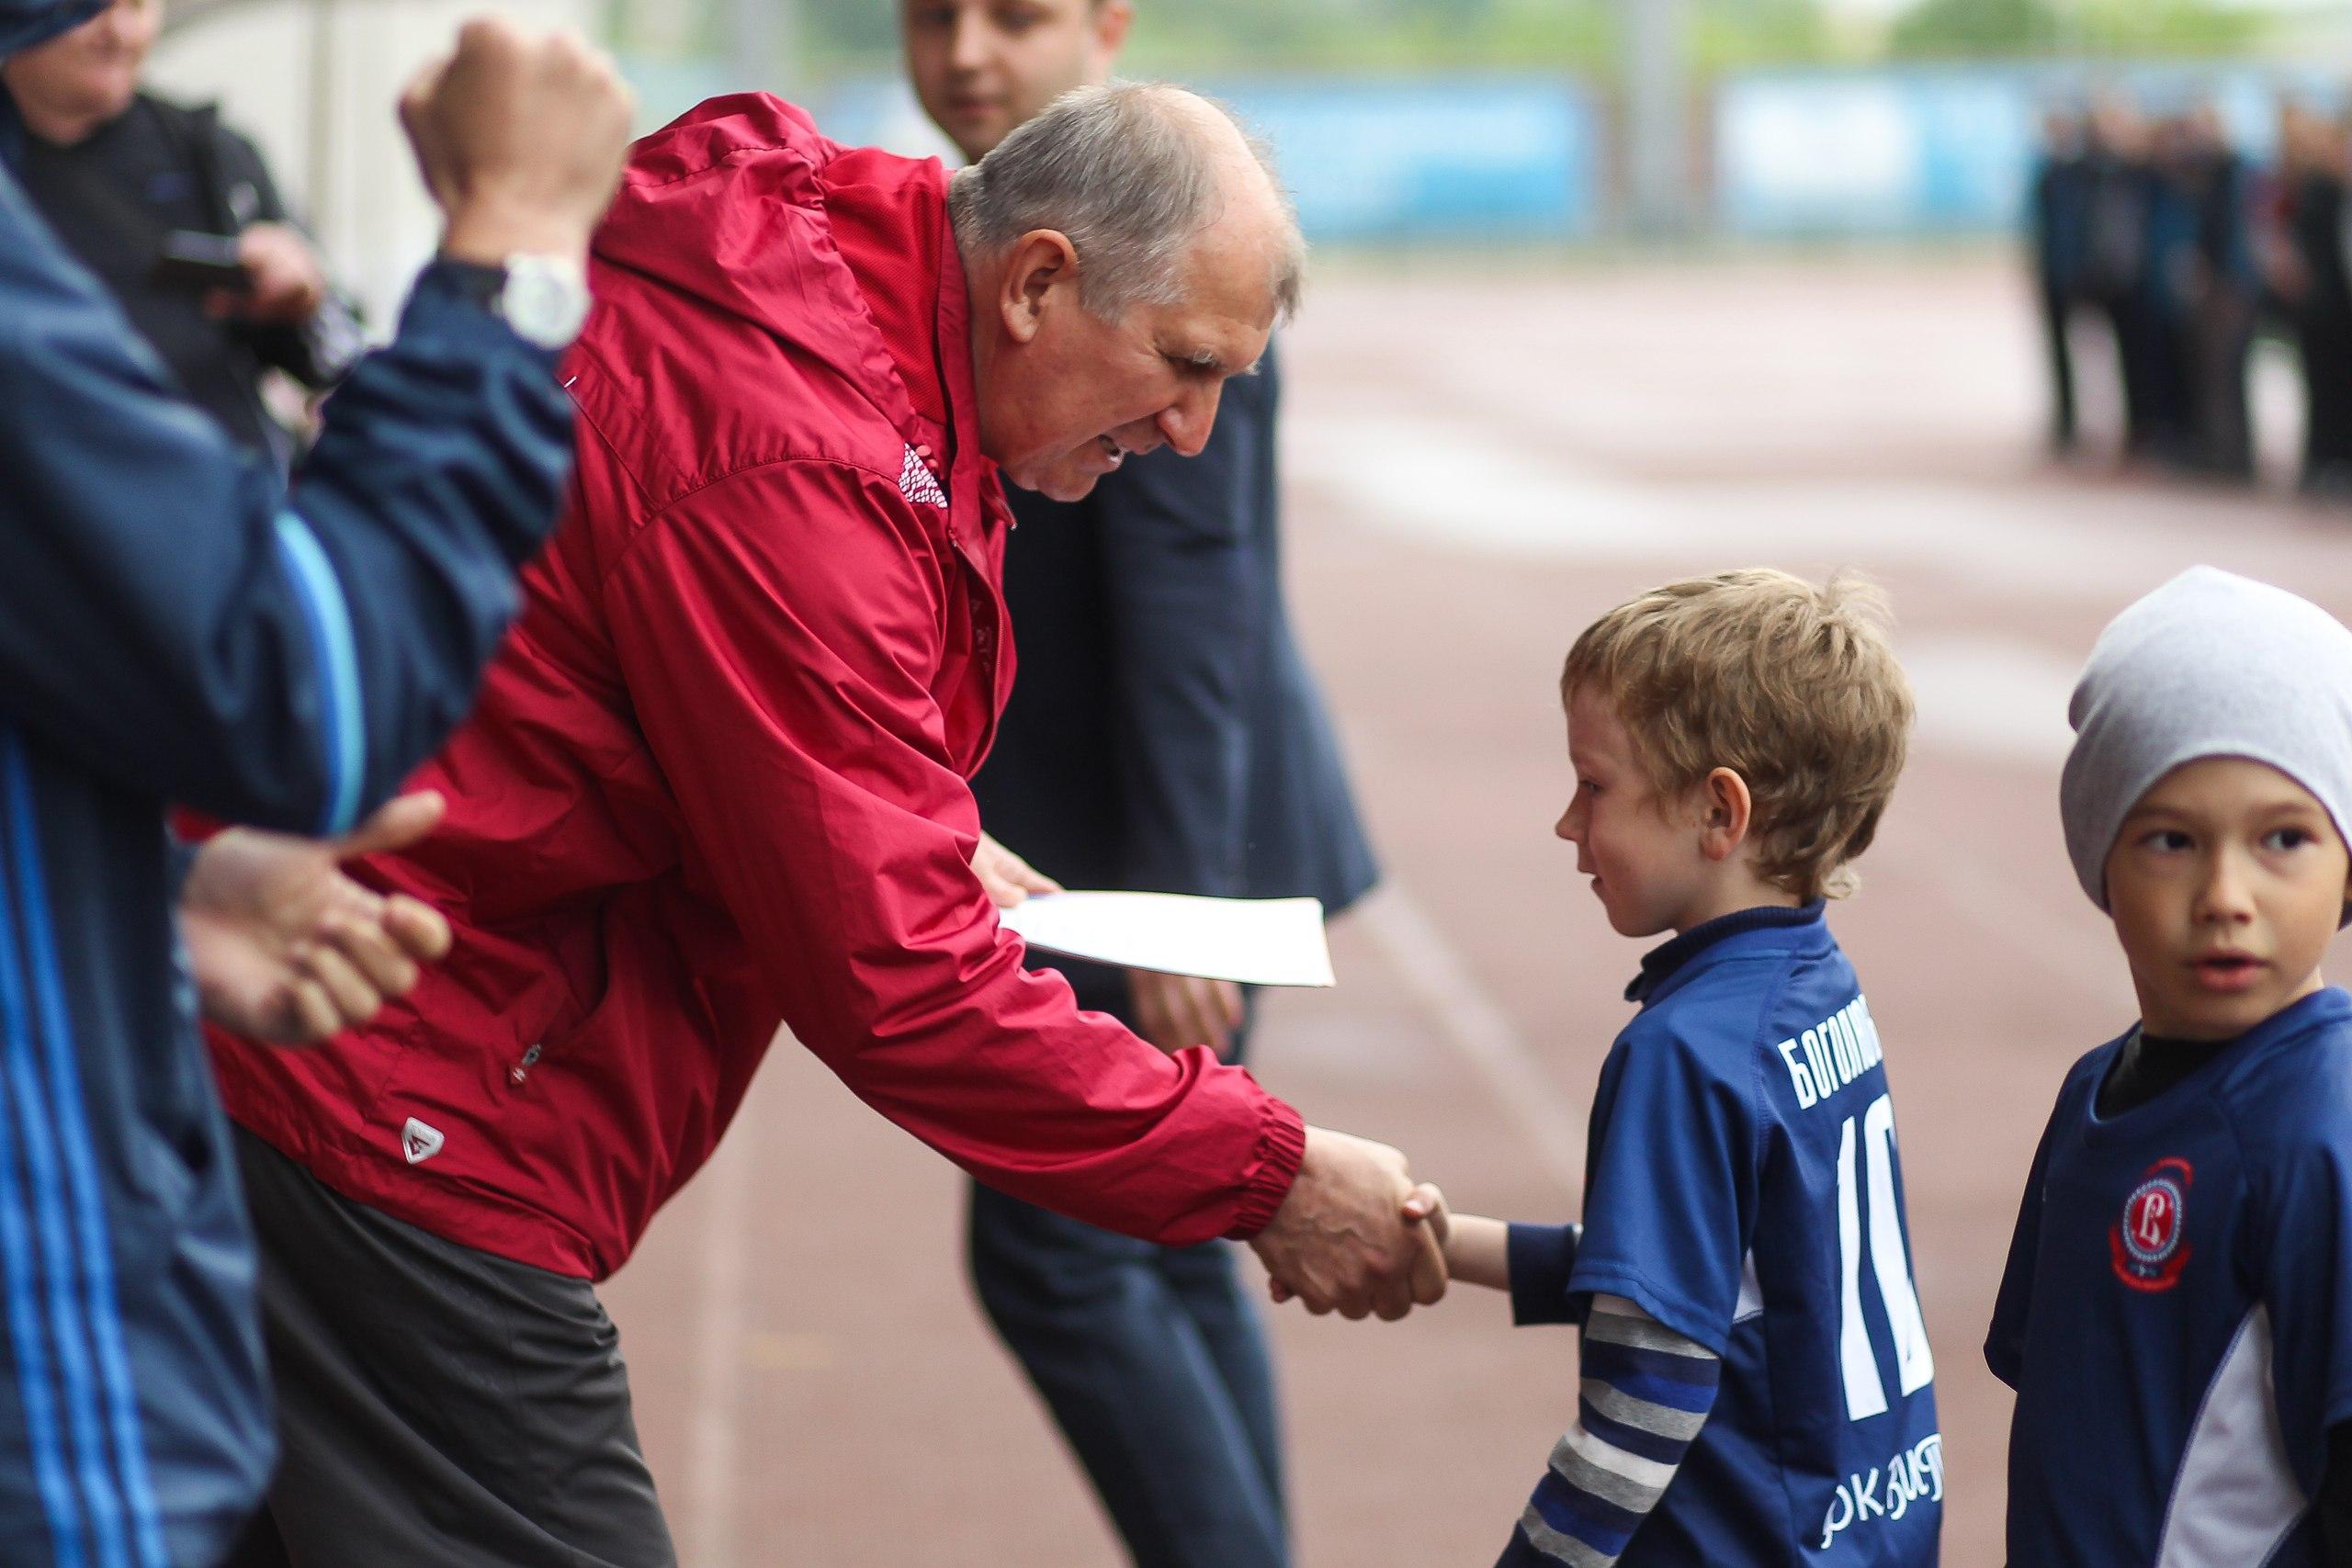 Валерий Волков: «Клубный футбол по месту жительства в Подольске прогрессирует»